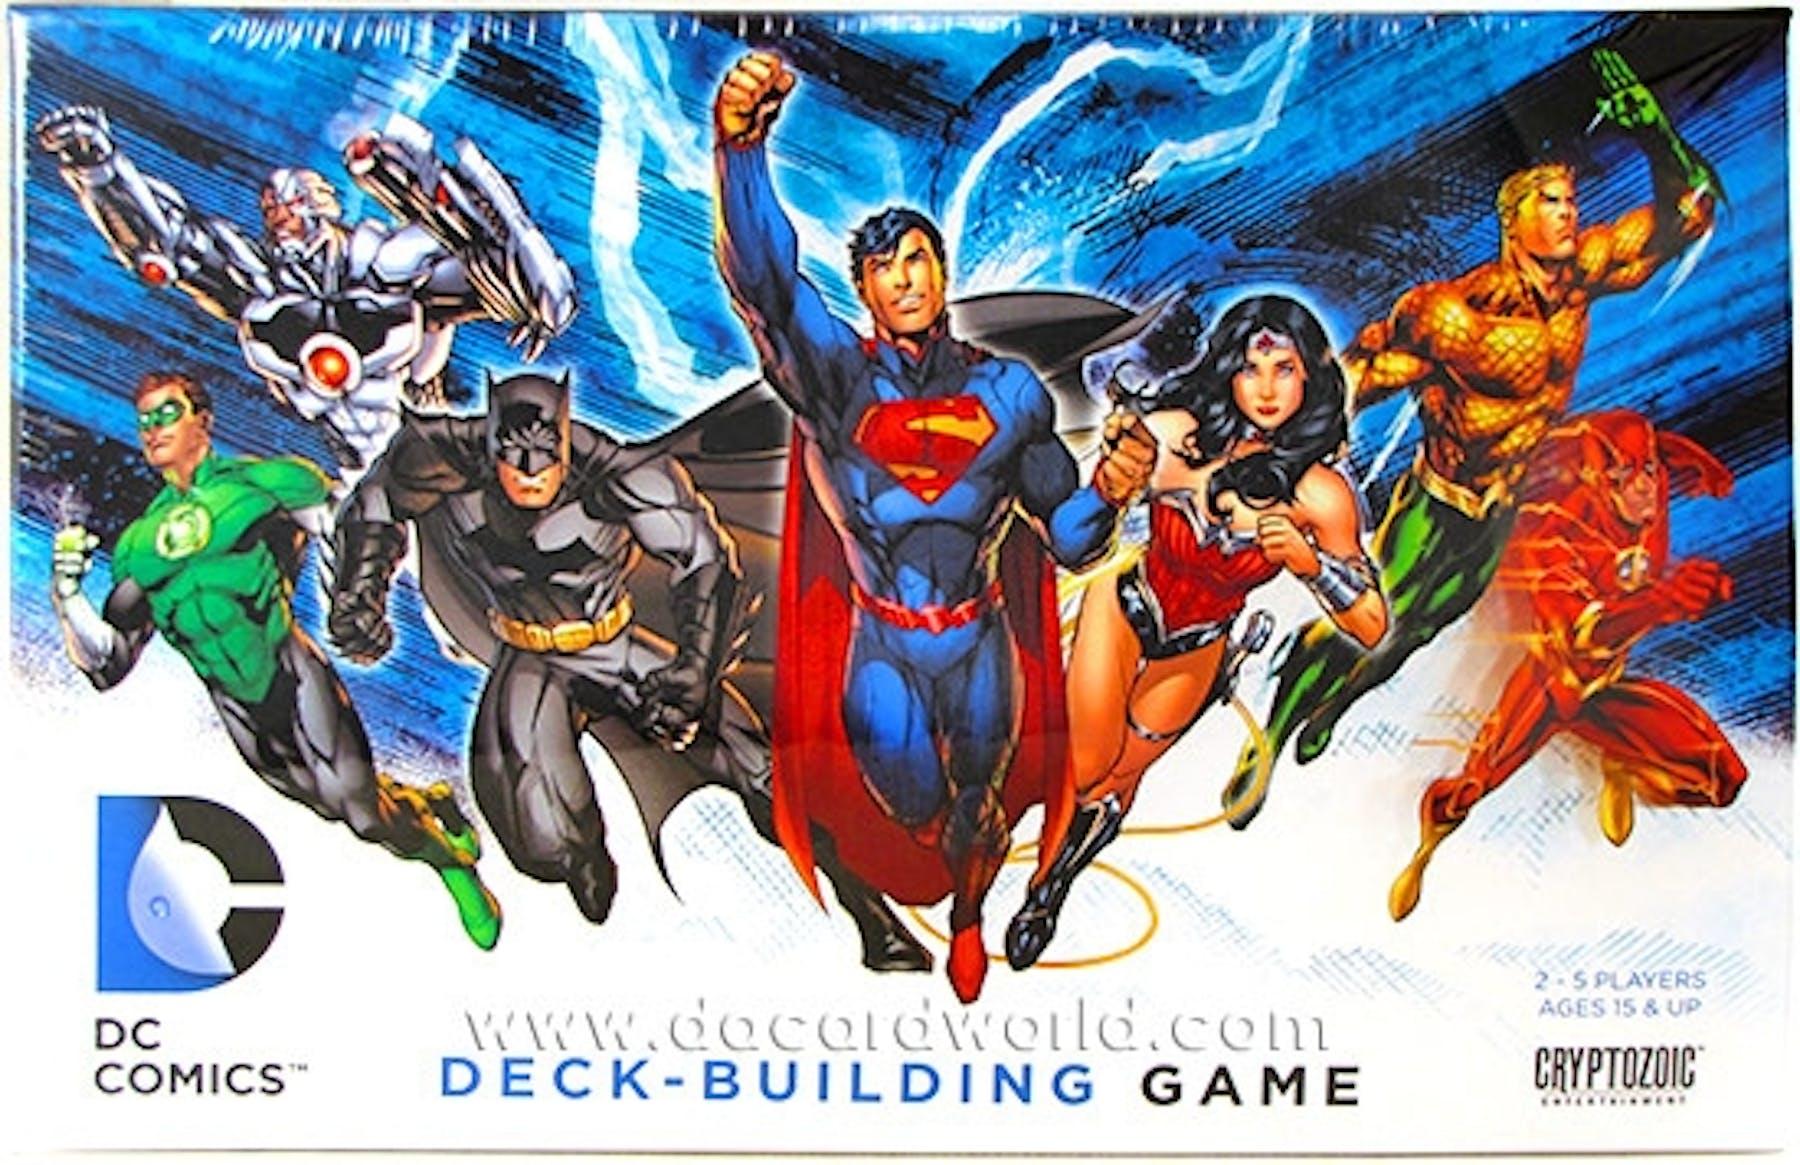 Deck Building Games Dc